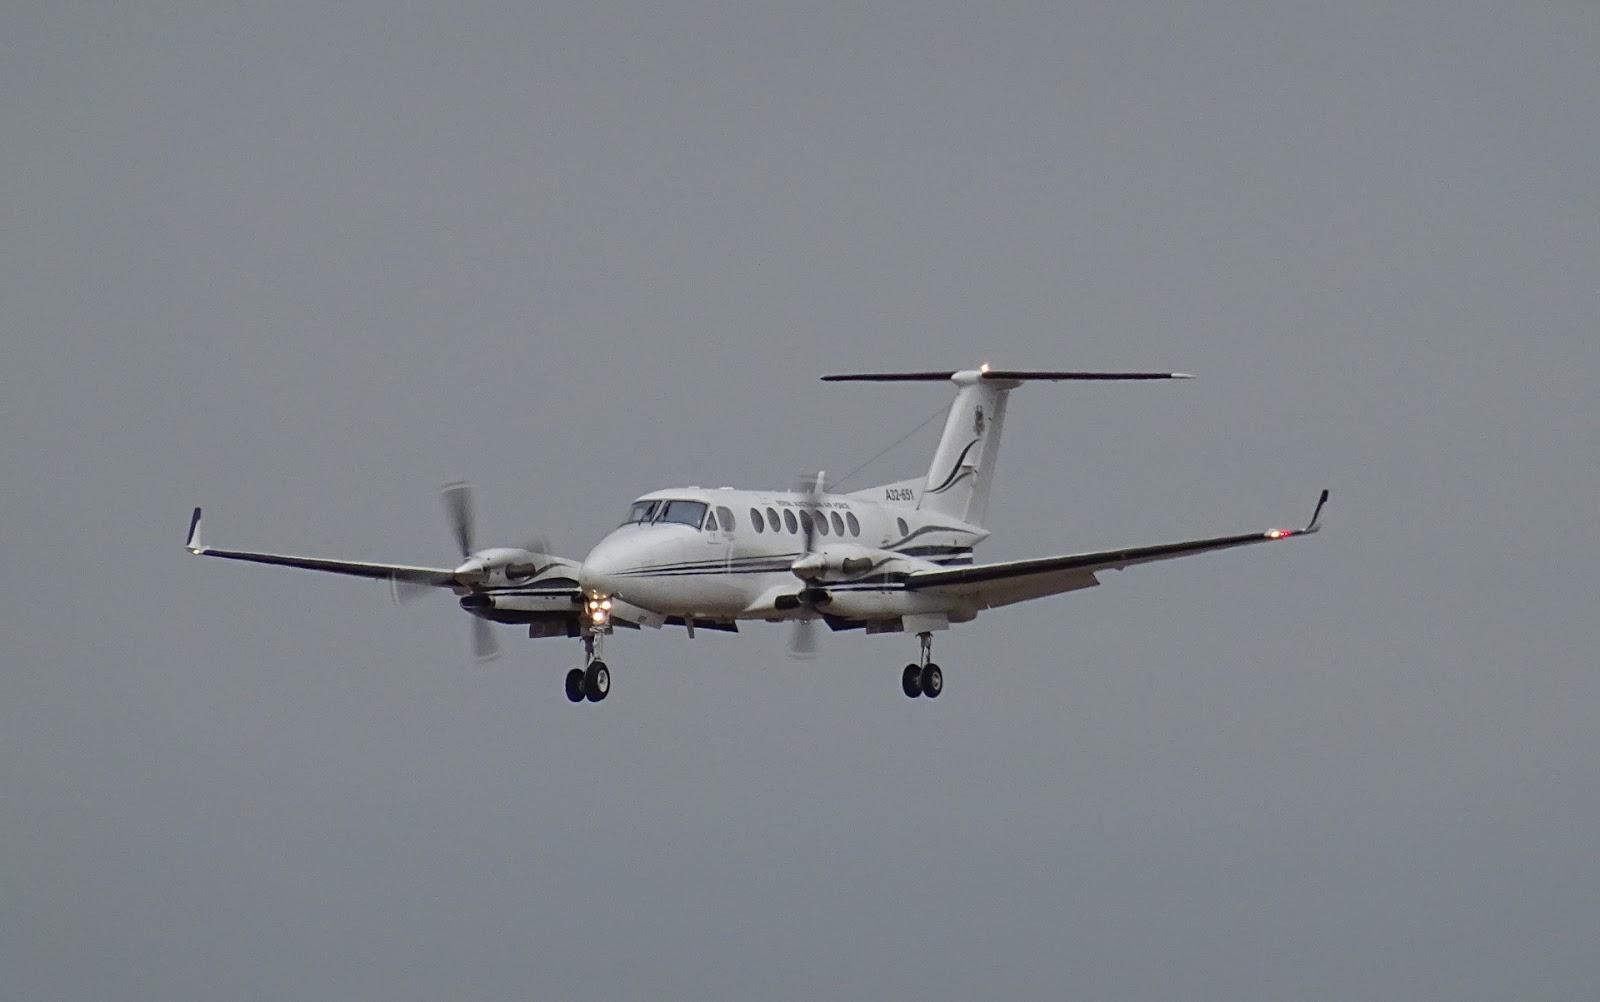 Air Queensland.blogspot: RAAF King Air B350 A32-651 visits